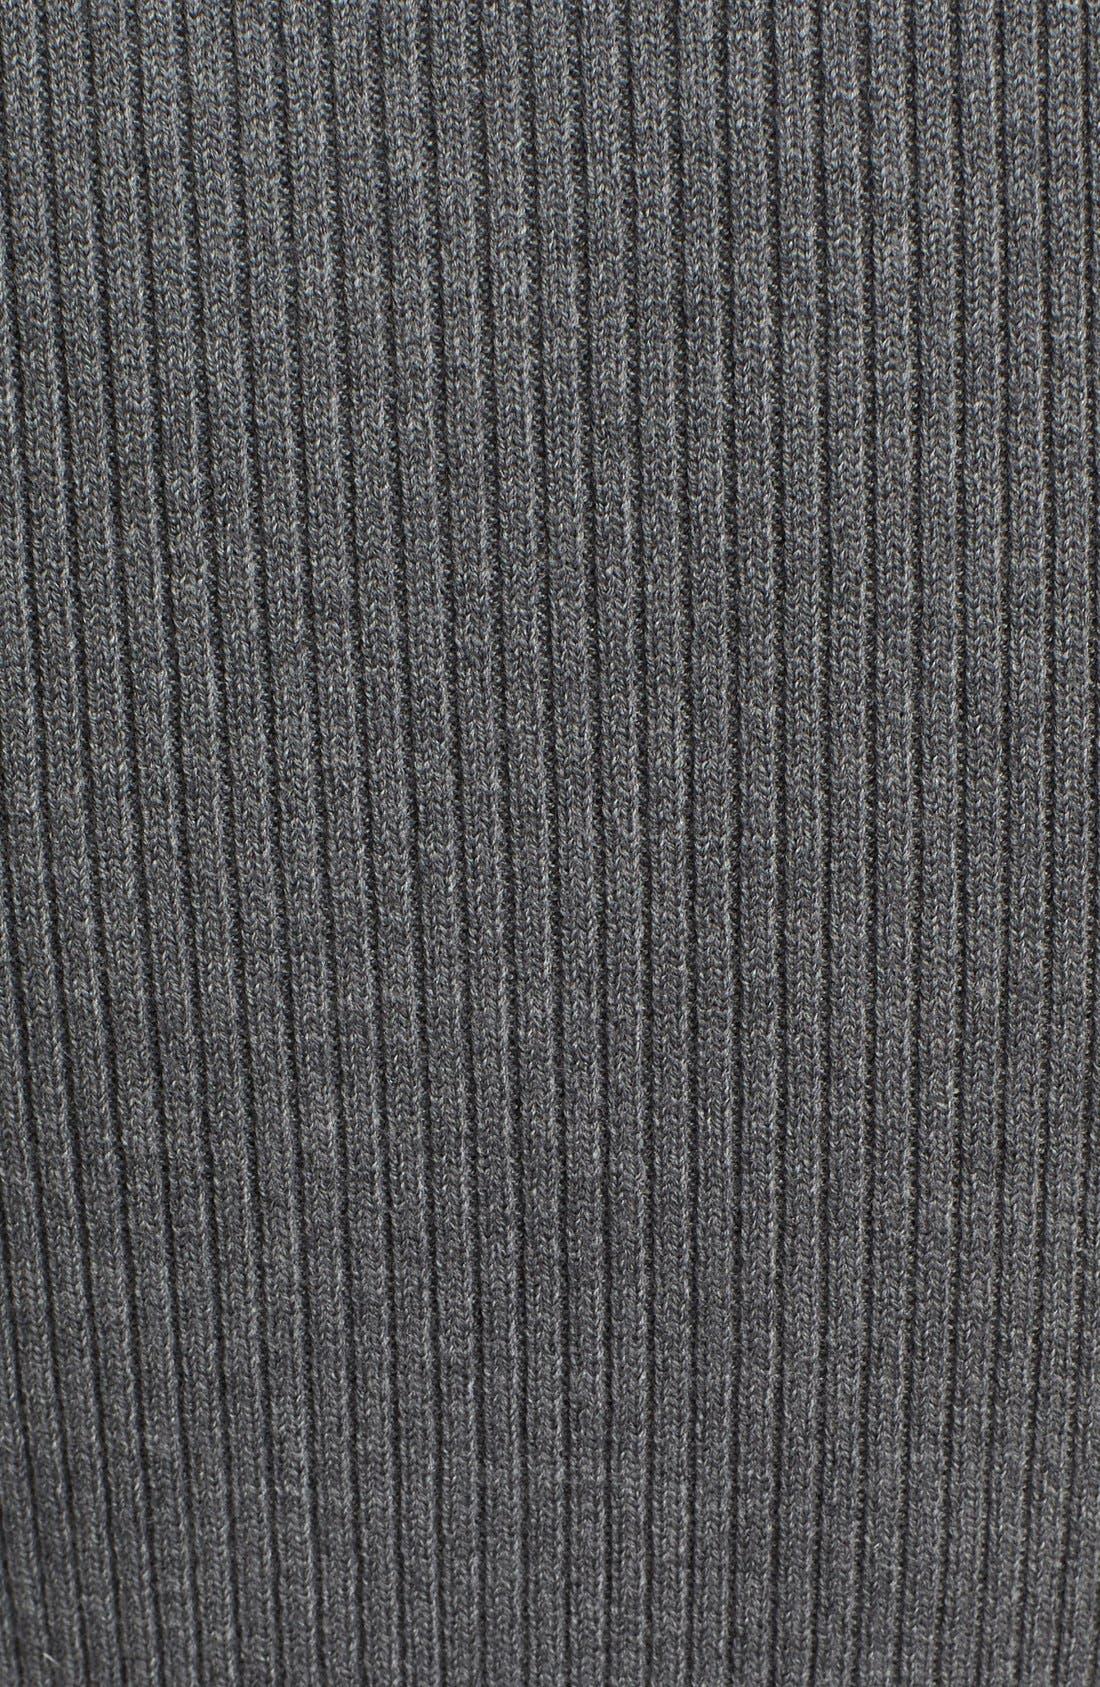 Alternate Image 3  - Theory 'Ulana' Stretch Knit Sweater Dress